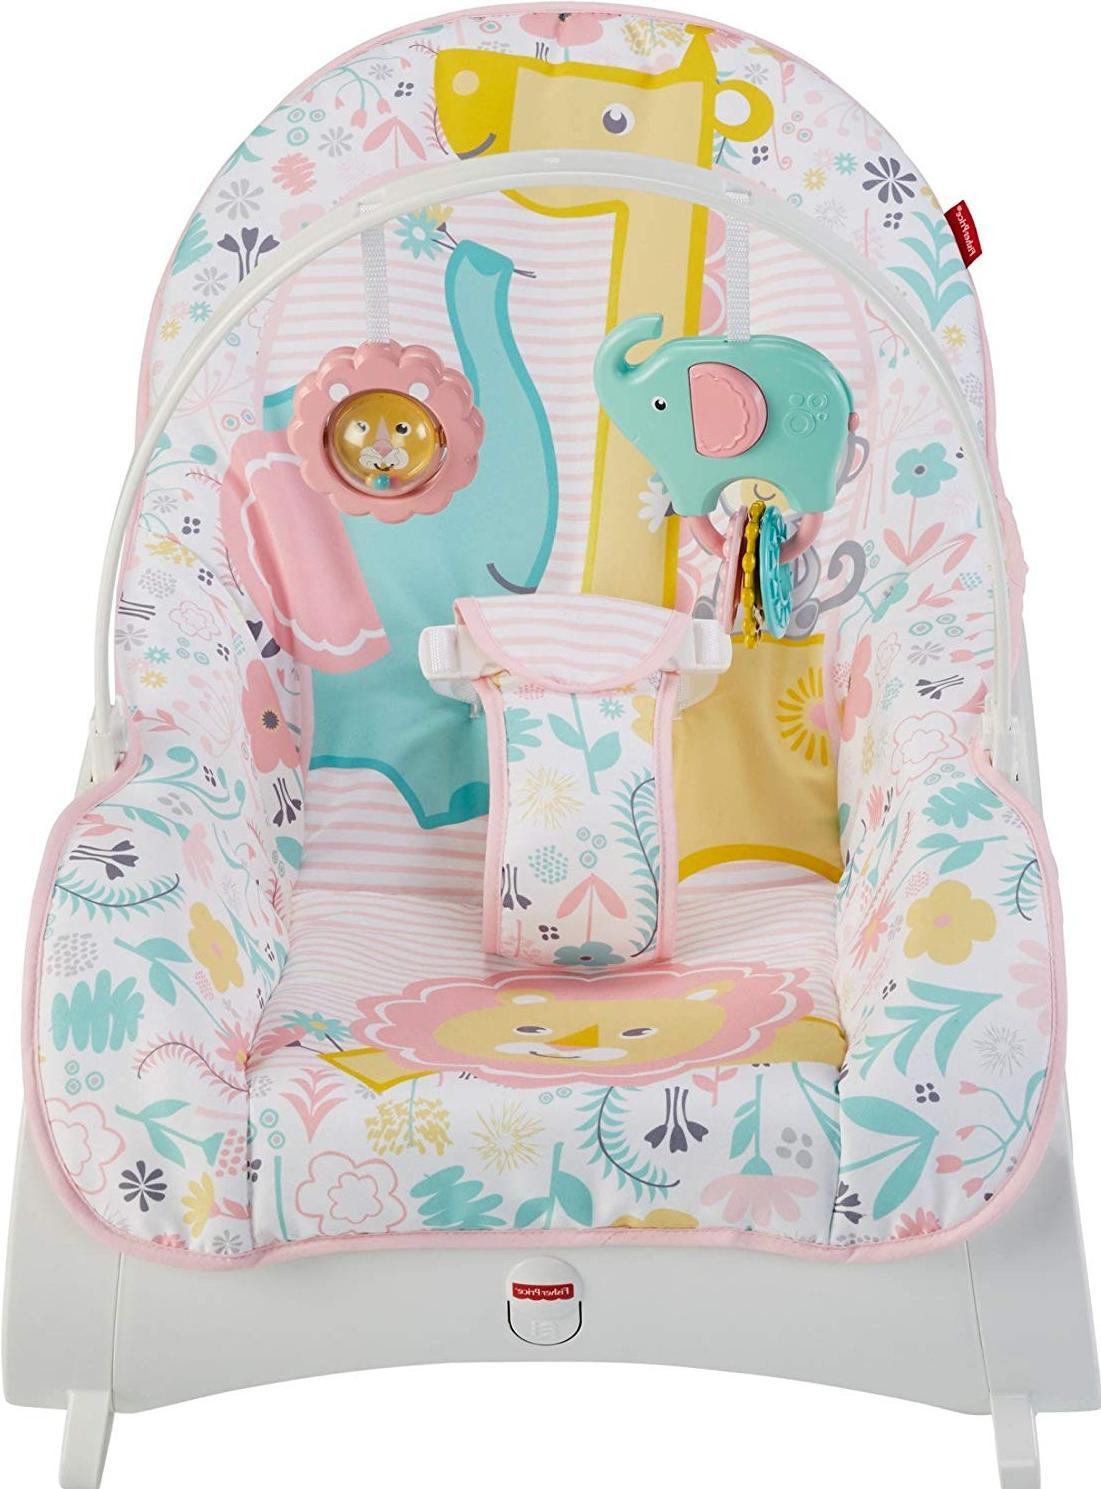 BABY ROCKER Toddler Rocking Newborn Crib Swing Seat Nap